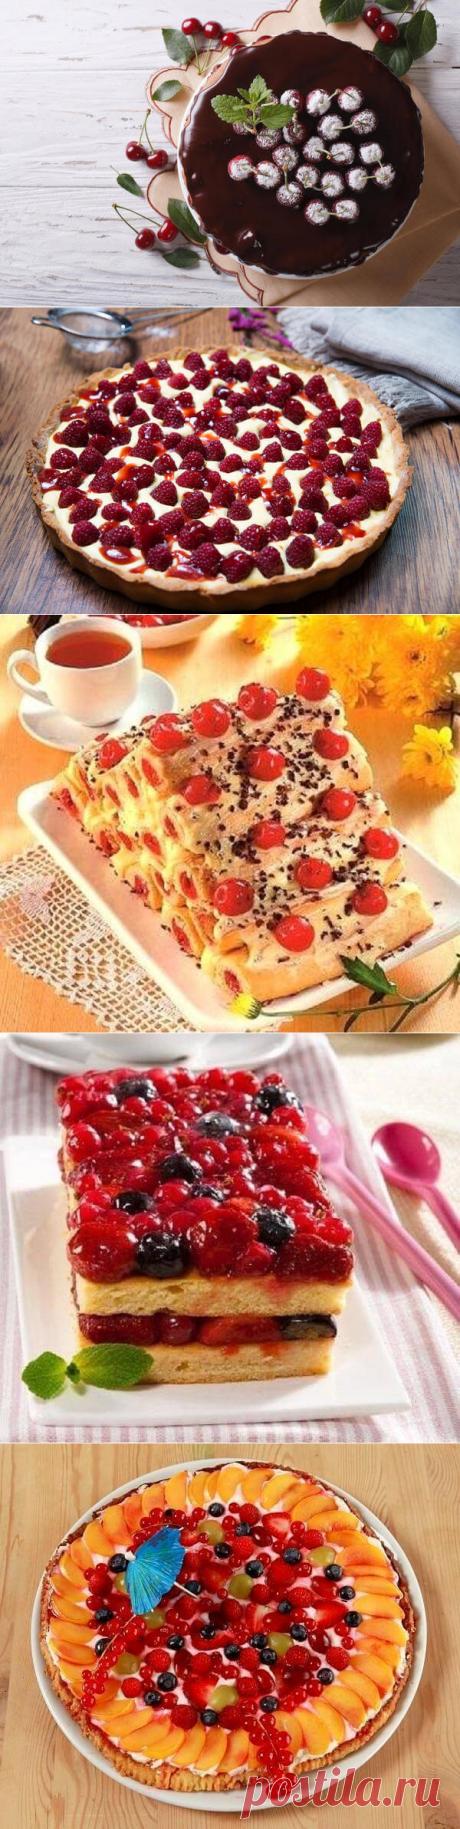 По - летнему тепло и солнечно - рецепты выпечки с ягодами.